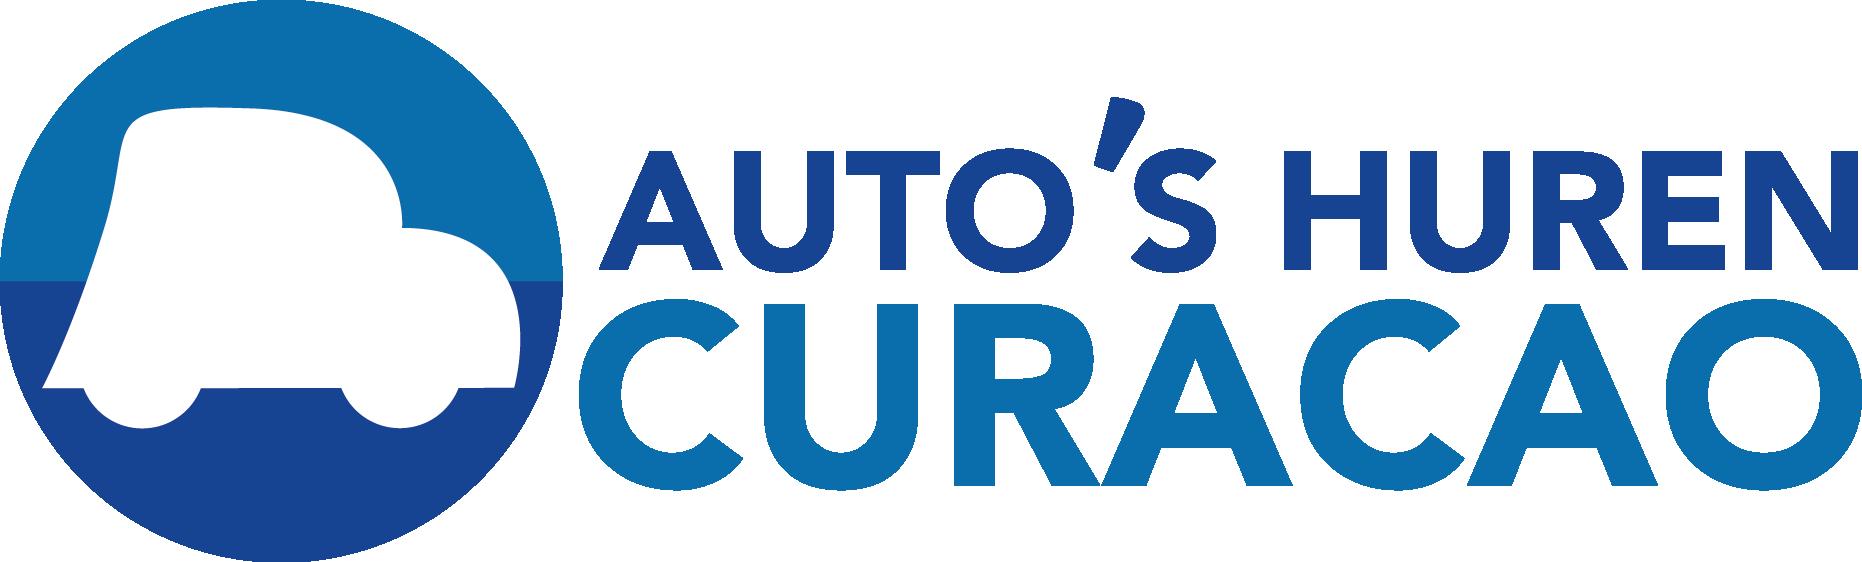 Autos huren Curacao